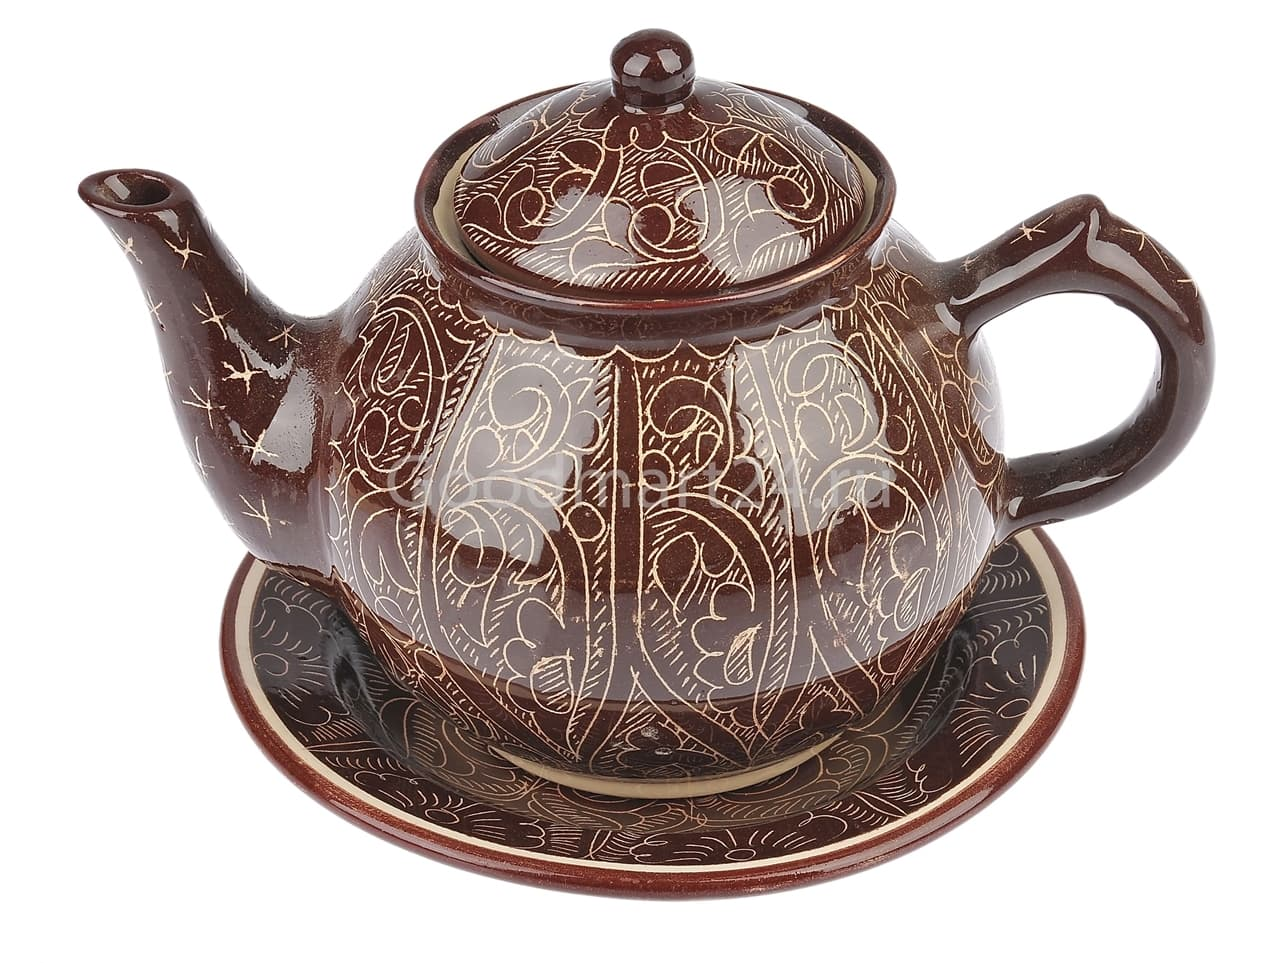 Набор чайный Риштанская Керамика, 9 предметов, коричневый - фото 7566